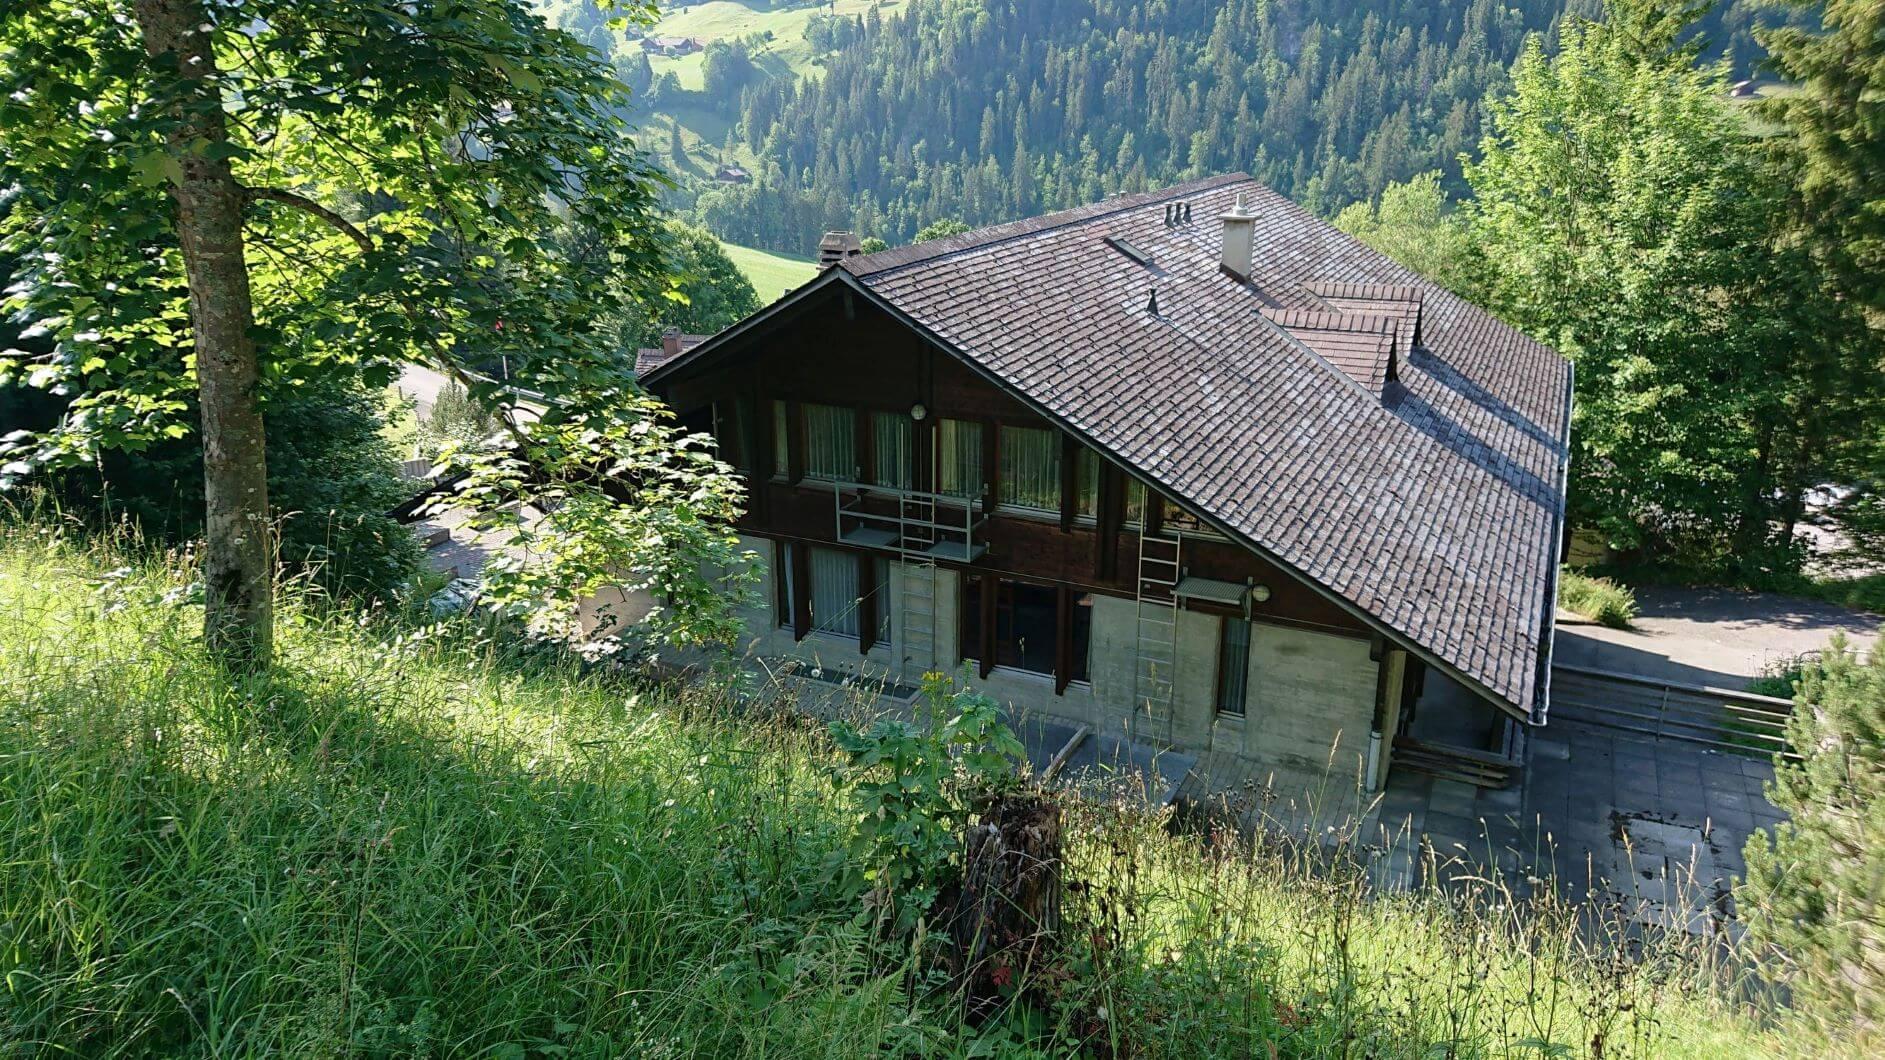 Ferienhaus von oben